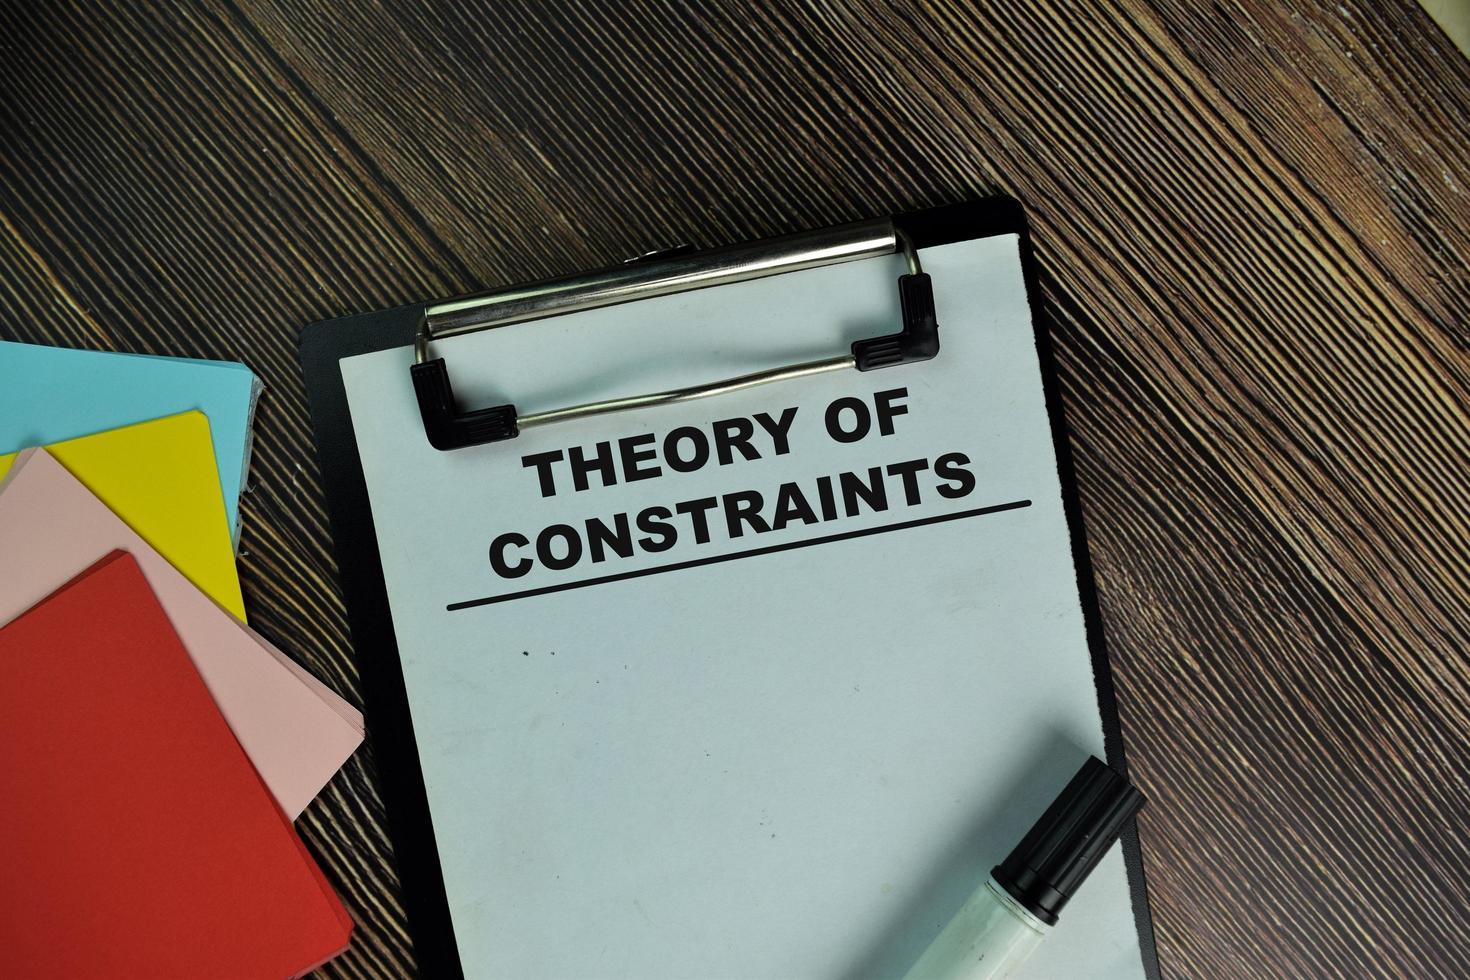 Théorie des contraintes écrites sur paperasse isolée sur table en bois photo